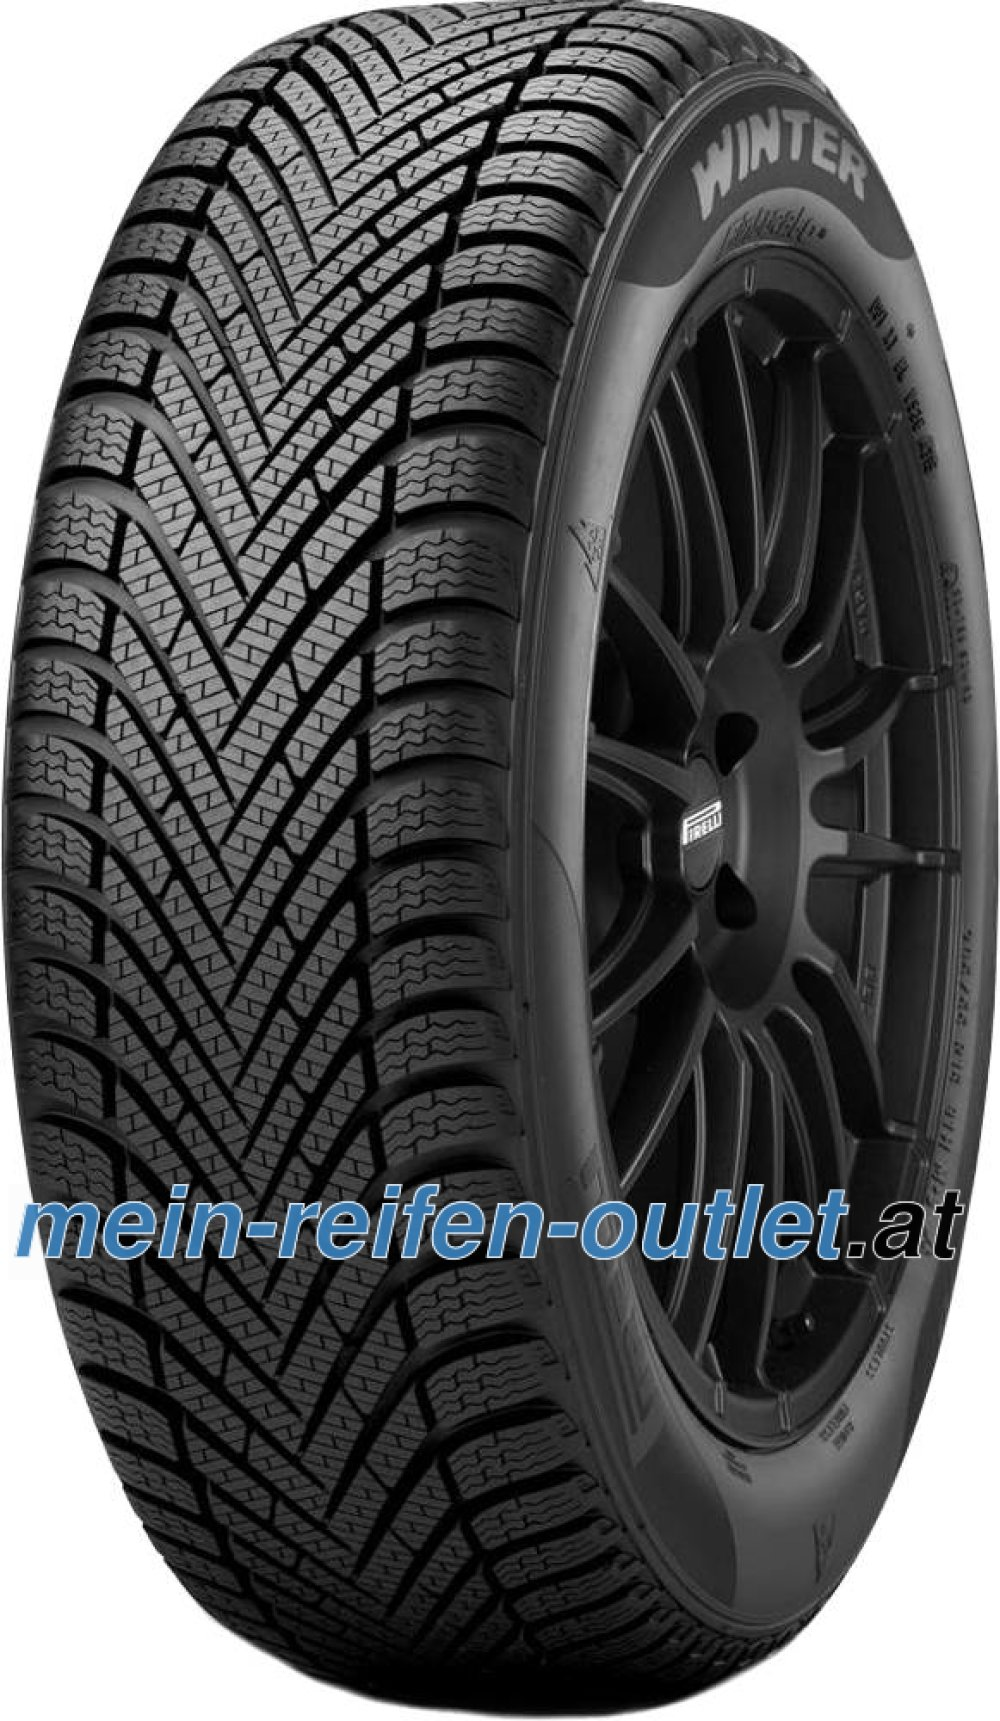 Pirelli Cinturato Winter ( 195/60 R15 88T )